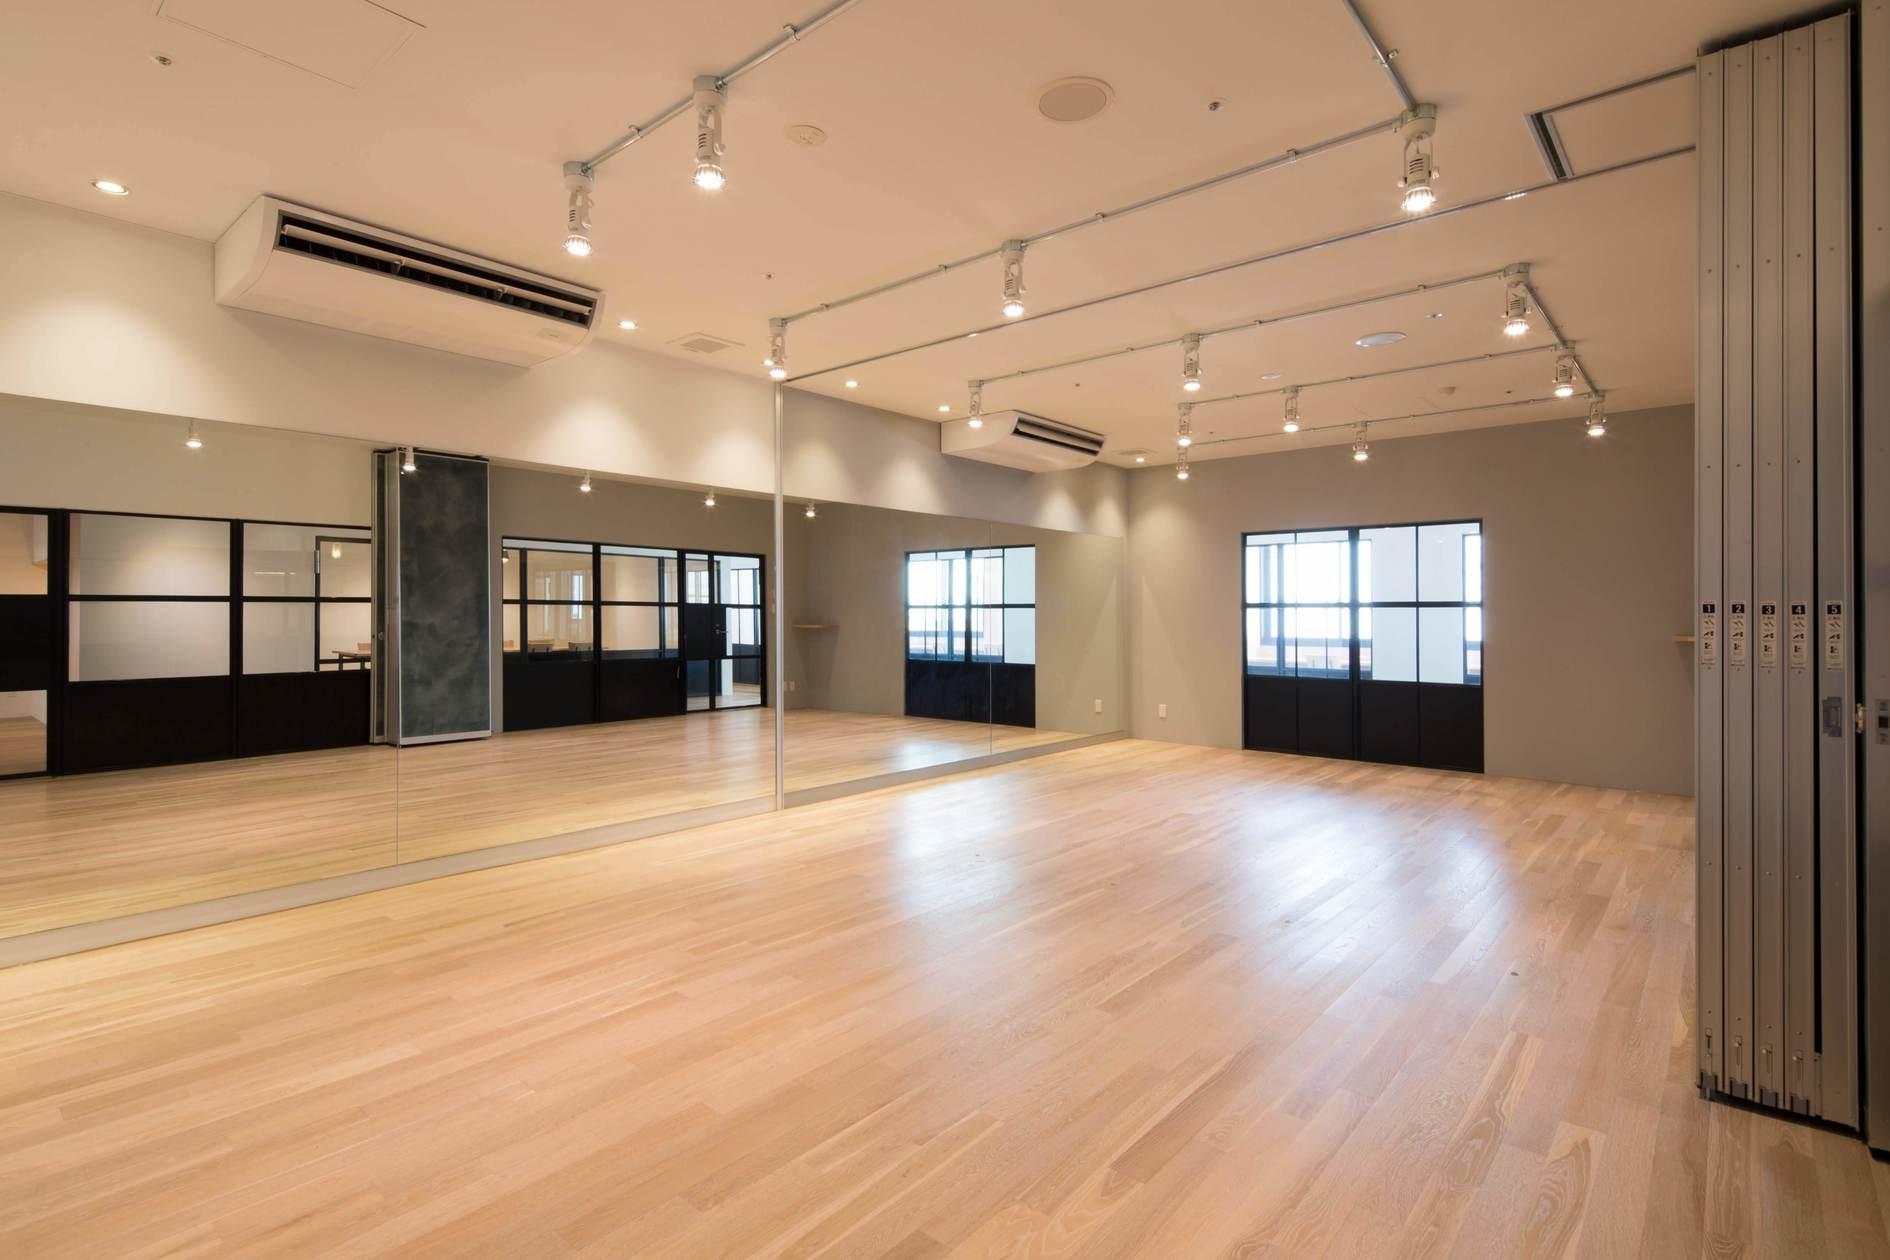 【広大な駐車場つき】ヨガ・ダンス・セミナー、多目的に使える鏡張りレンタルスタジオ【会議机・イス・Wi-Fi・プロジェクター無料】(業務用キッチン・スタジオ・会議室を備えたコワーキングスペース!イベント・会議・ワークショップ対応可能) の写真0